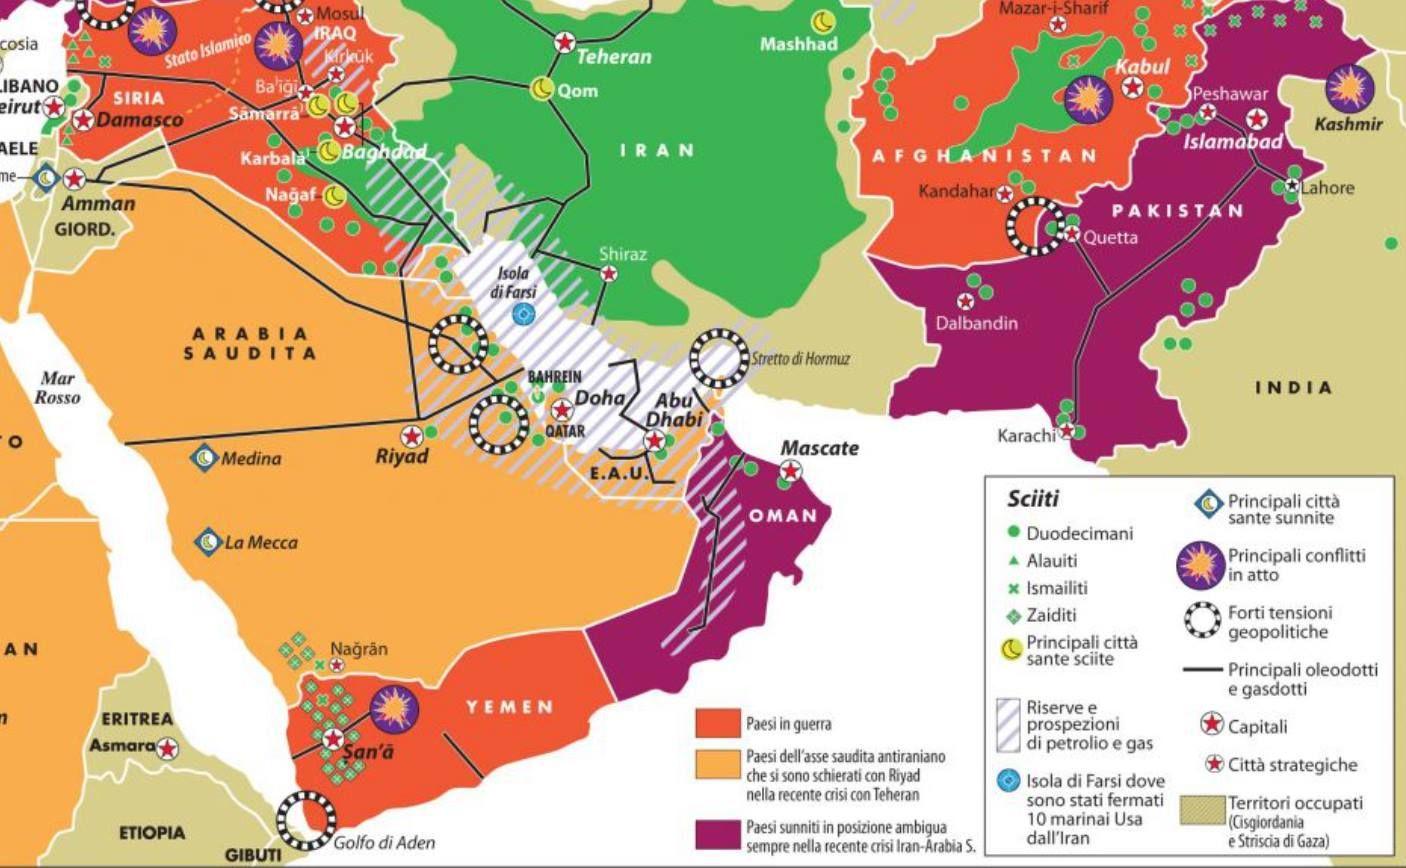 Cartina Oriente.Mappa Geopolitica Di Tutte Le Guerre In Medio Oriente Mappa Medio Oriente Medioevo